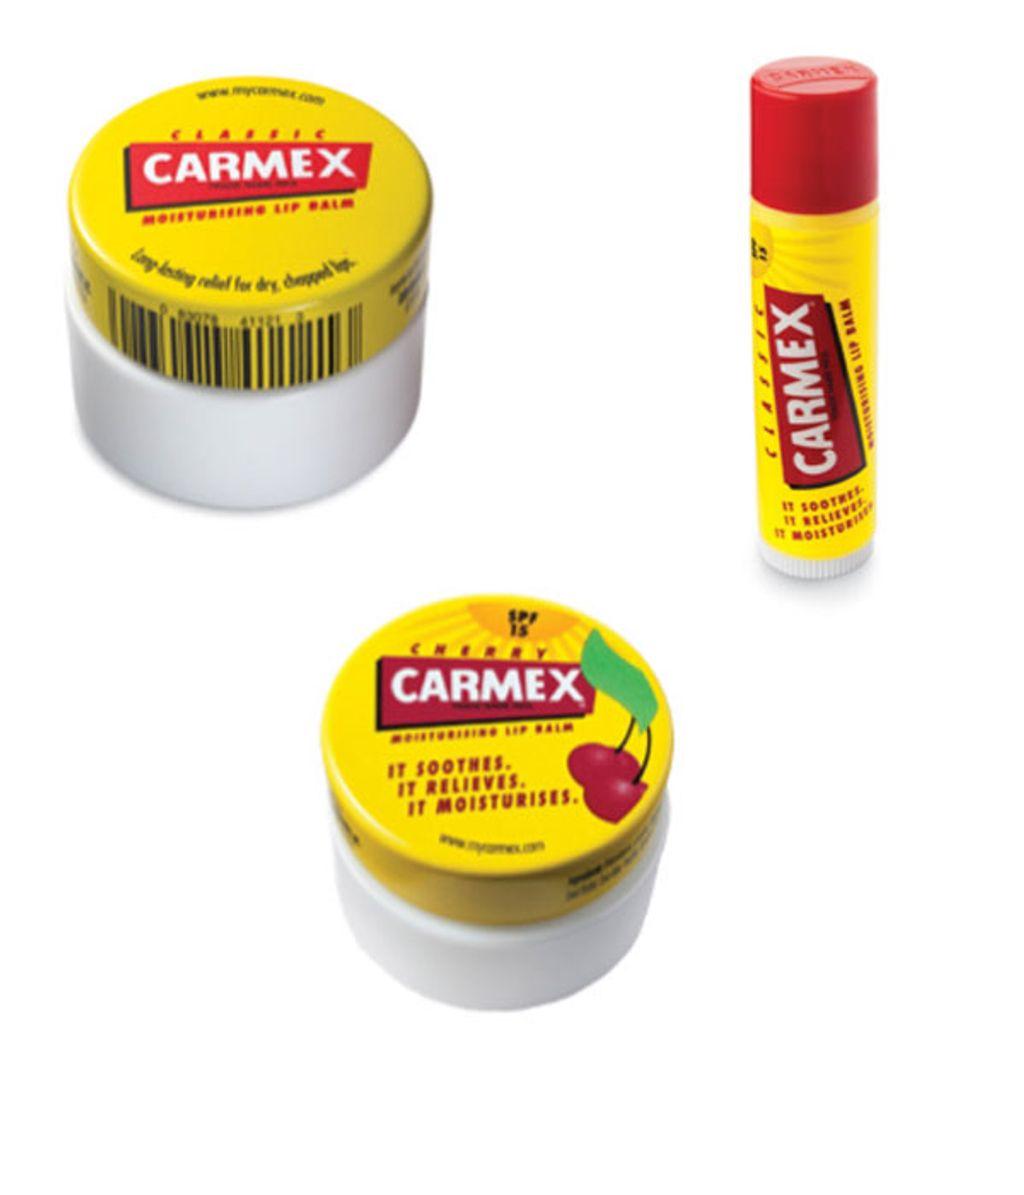 Carmex débarque en exclusivité chez Monoprix !